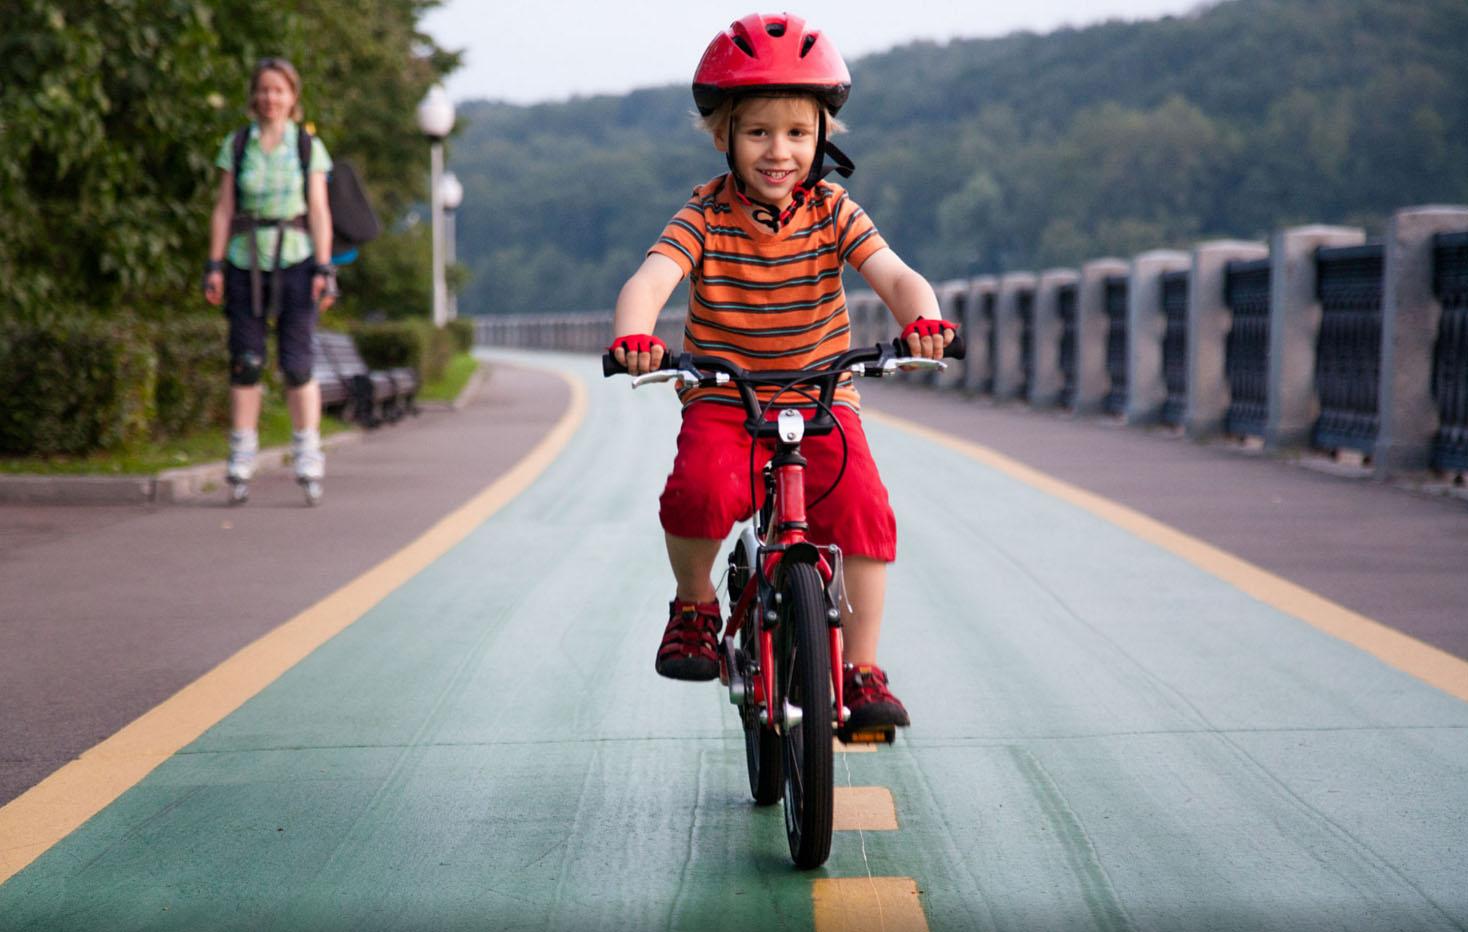 научите ребенка кататься на двухколесном велосипеде